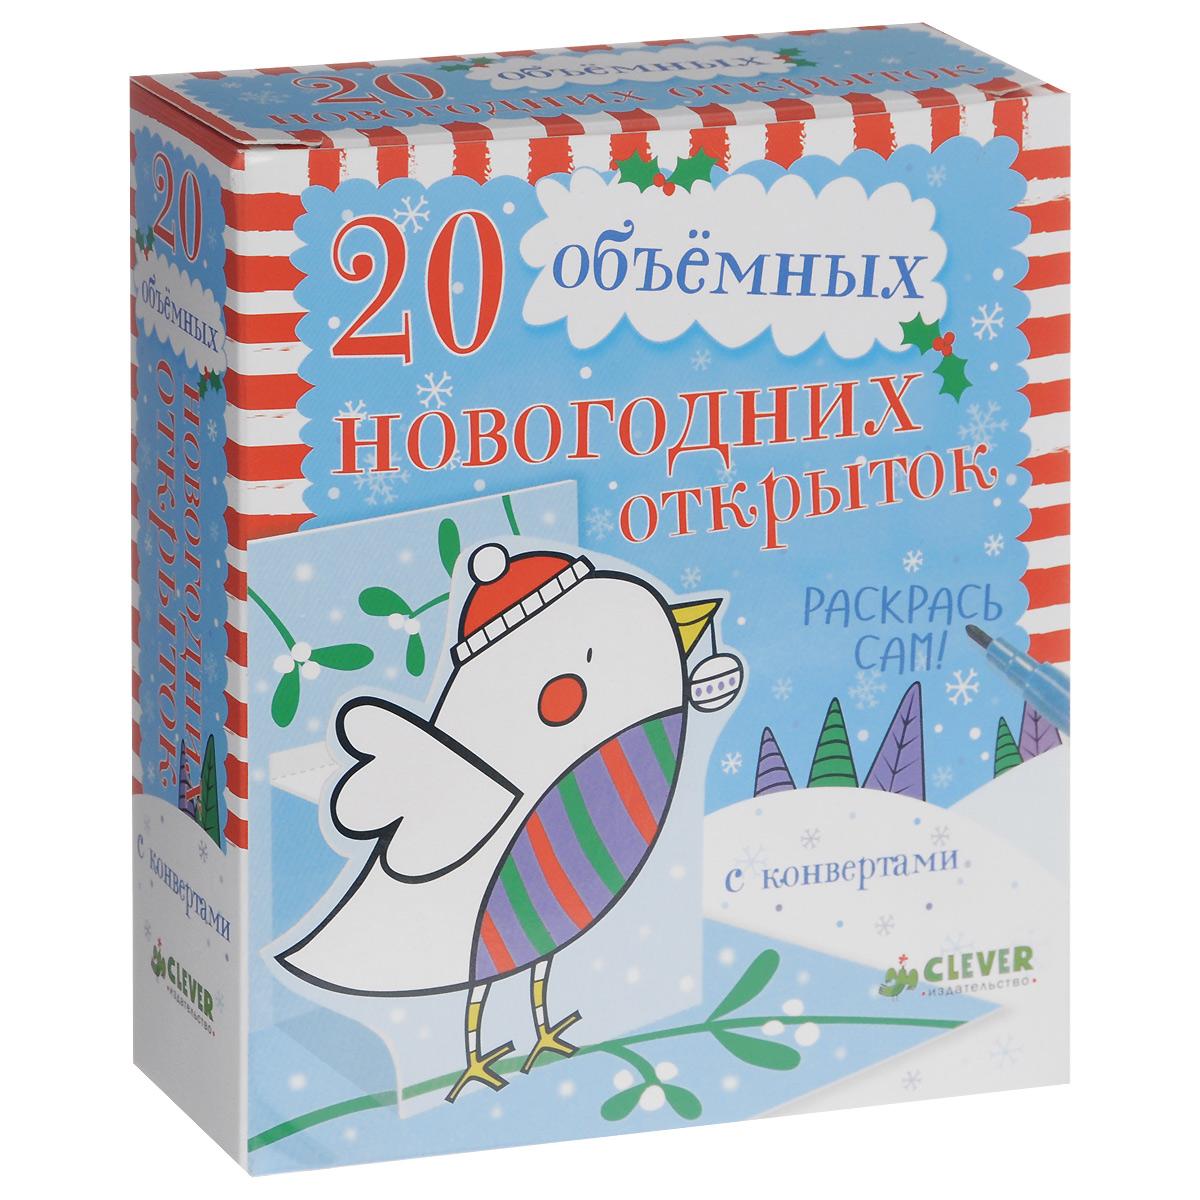 20 объемных новогодних открыток (набор из 20 открыток с конвертами)